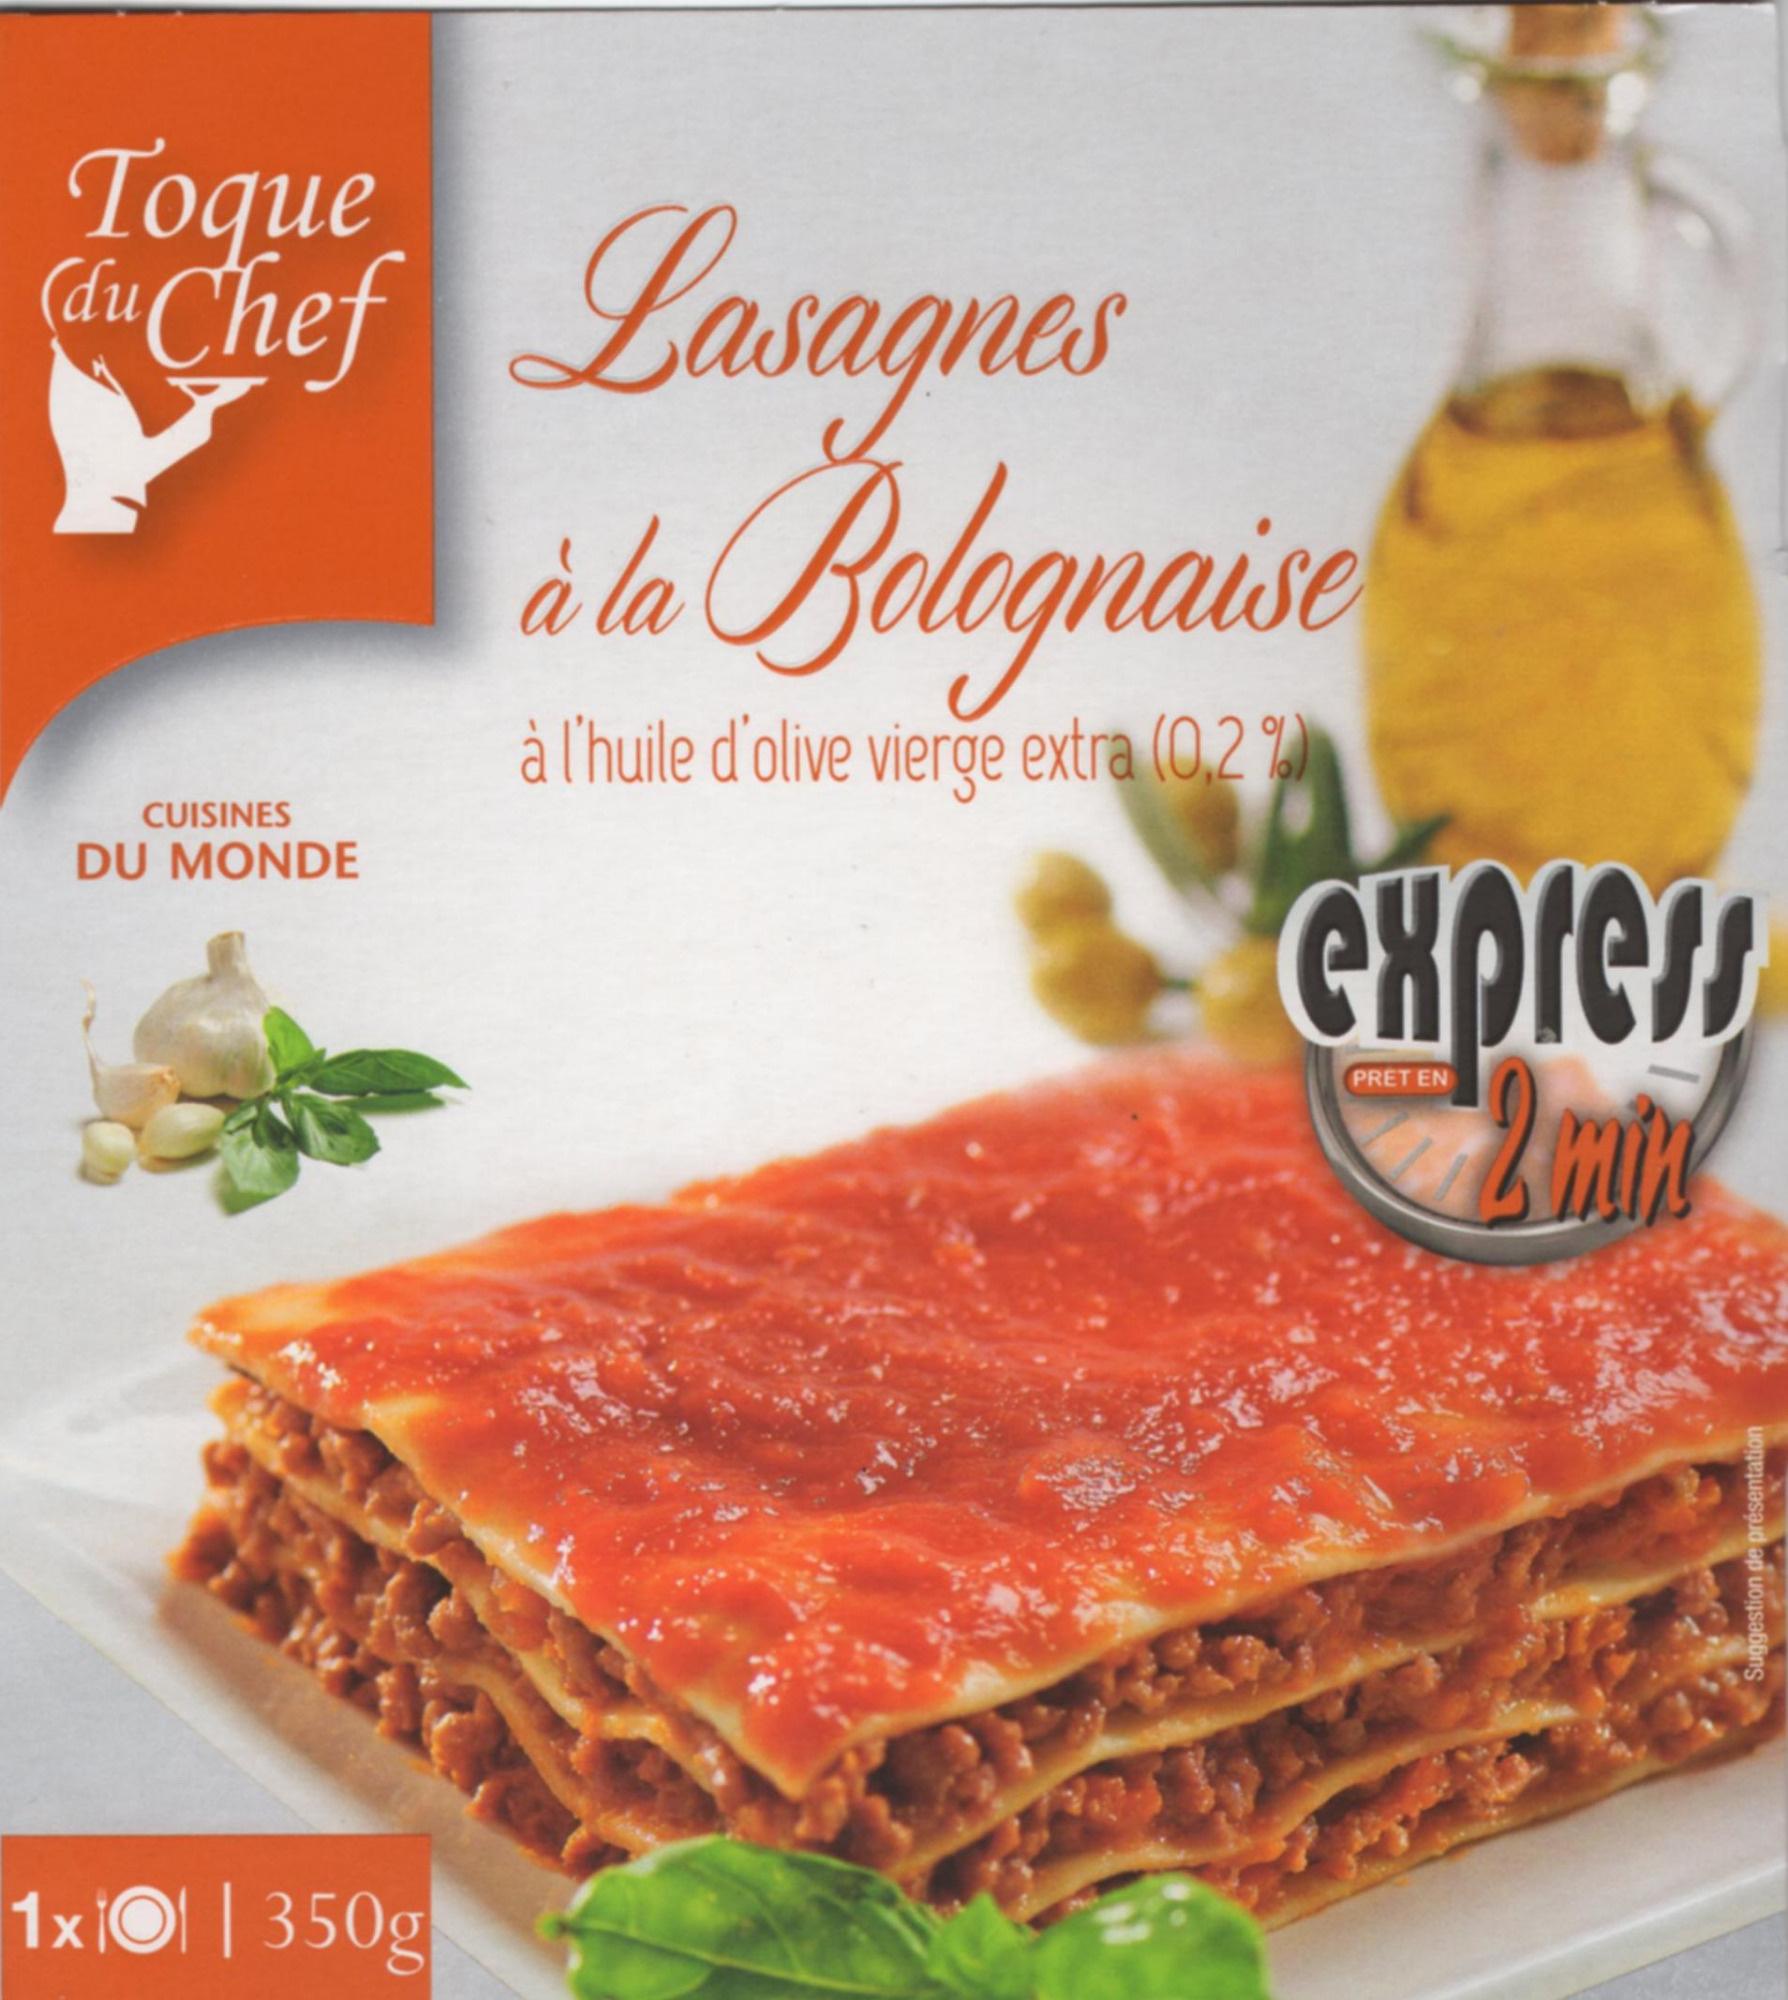 Lasagne à la Bolognaise à l'huile d'olive vierge extra (0,2%) - Producte